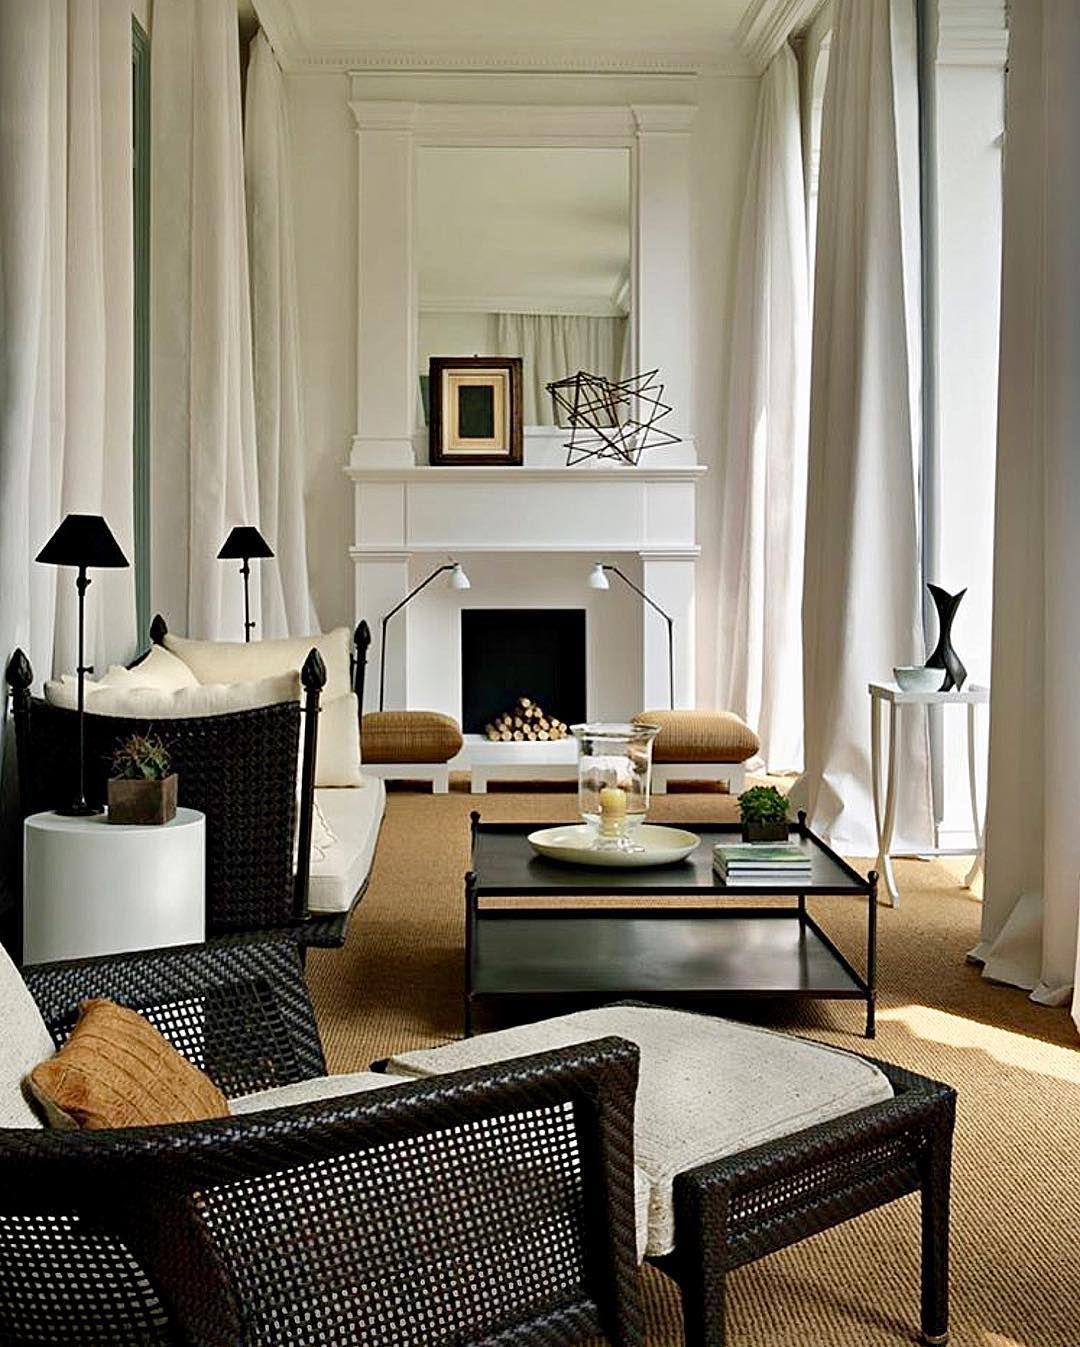 john roman on instagram black white gold on beautiful modern black white living room inspired id=20587